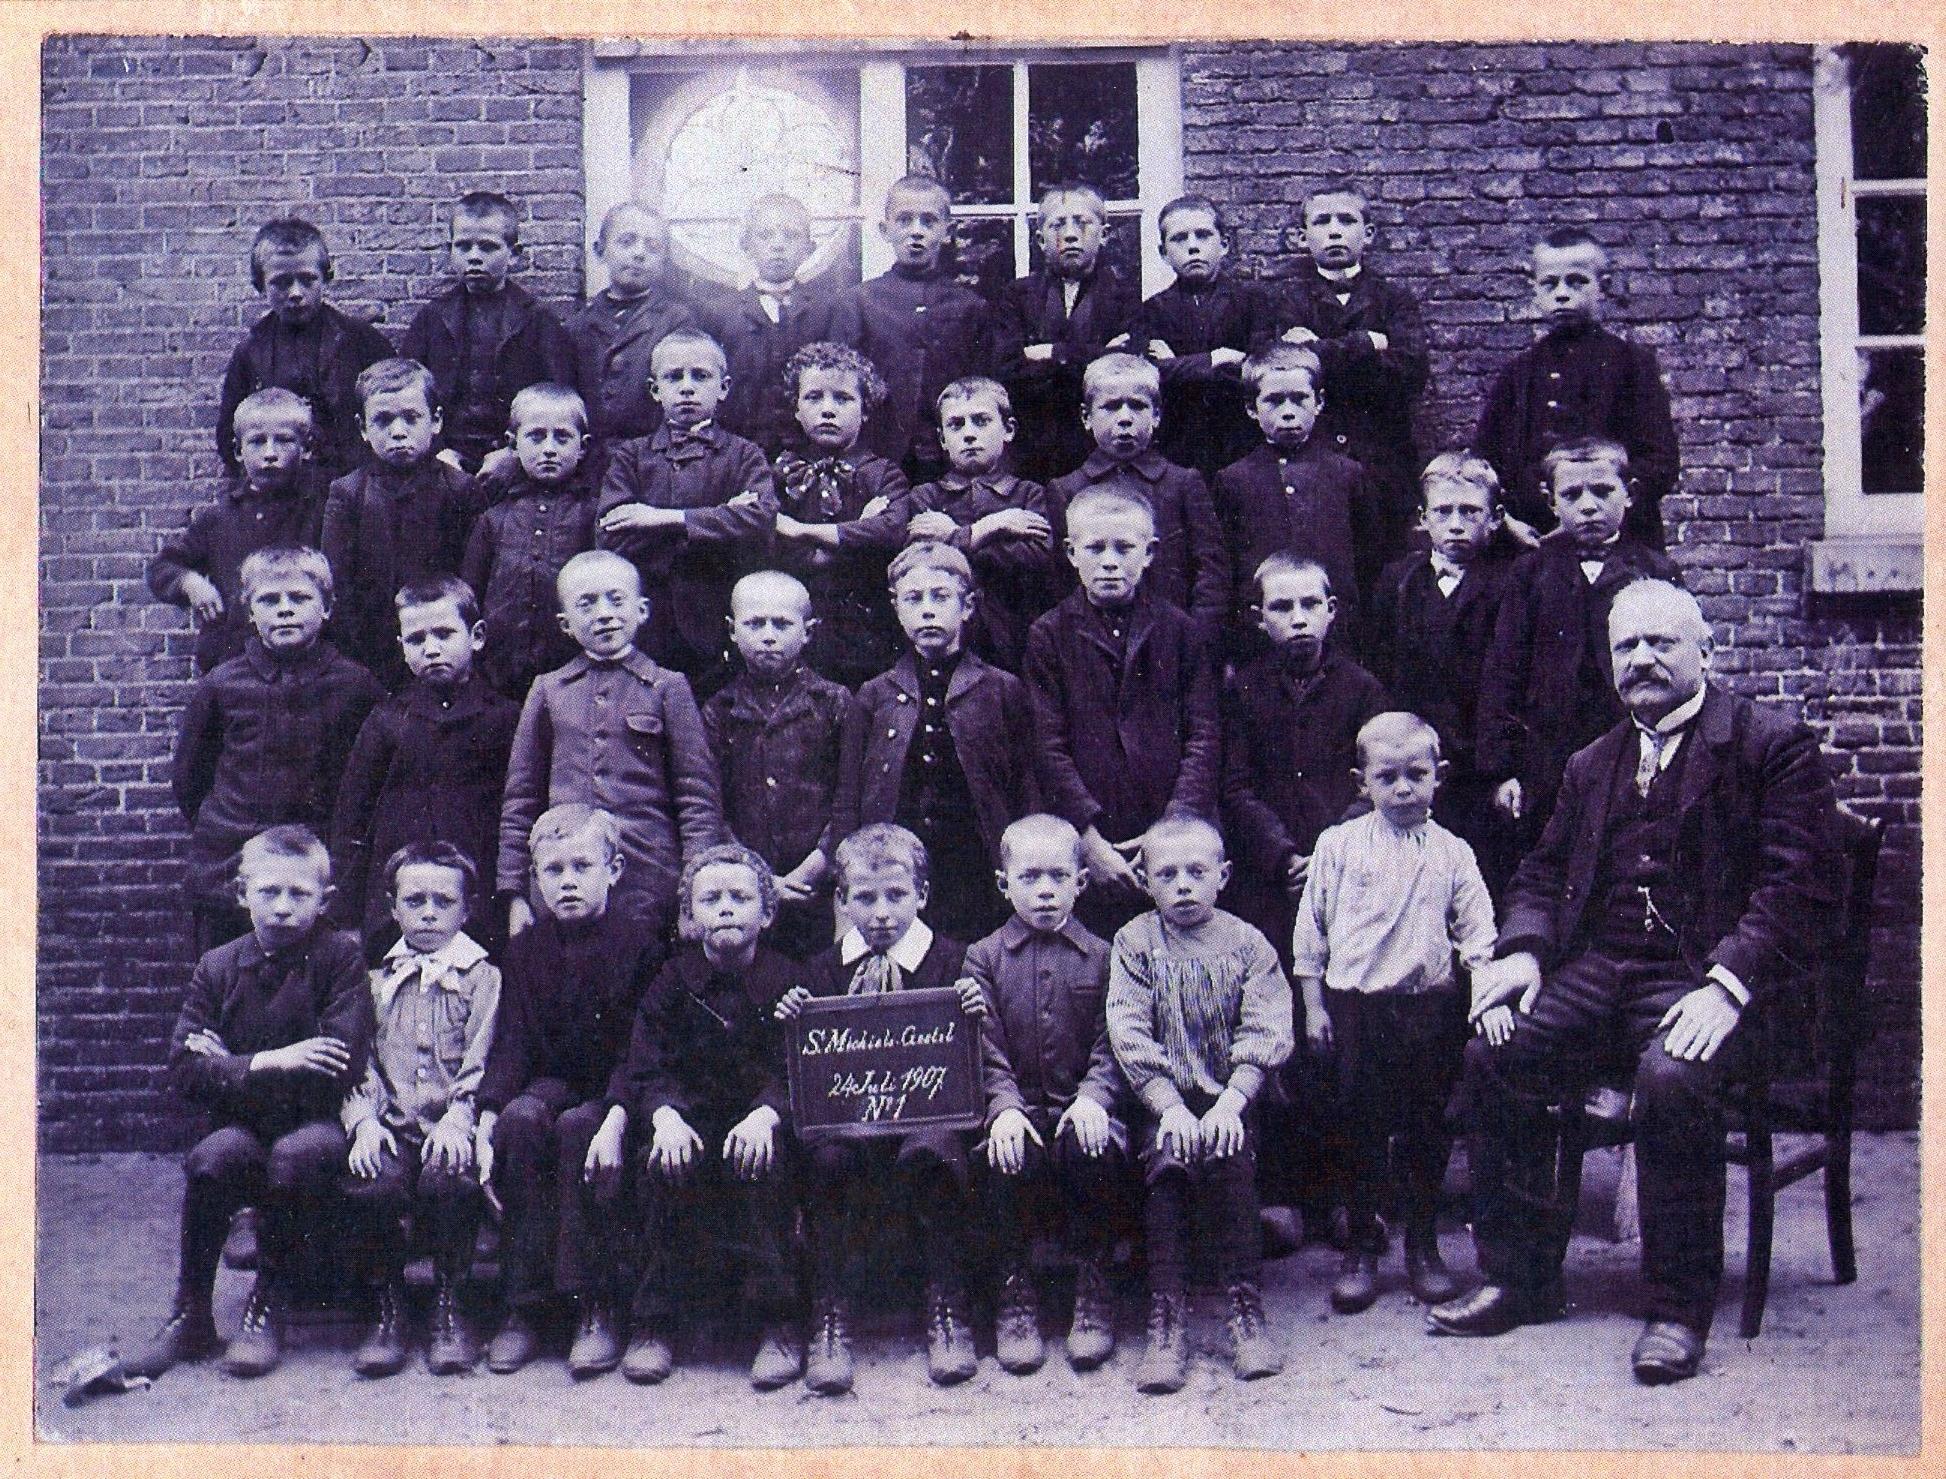 1907 Klas S. Michiels Gestel 24 juli 1907. N'1